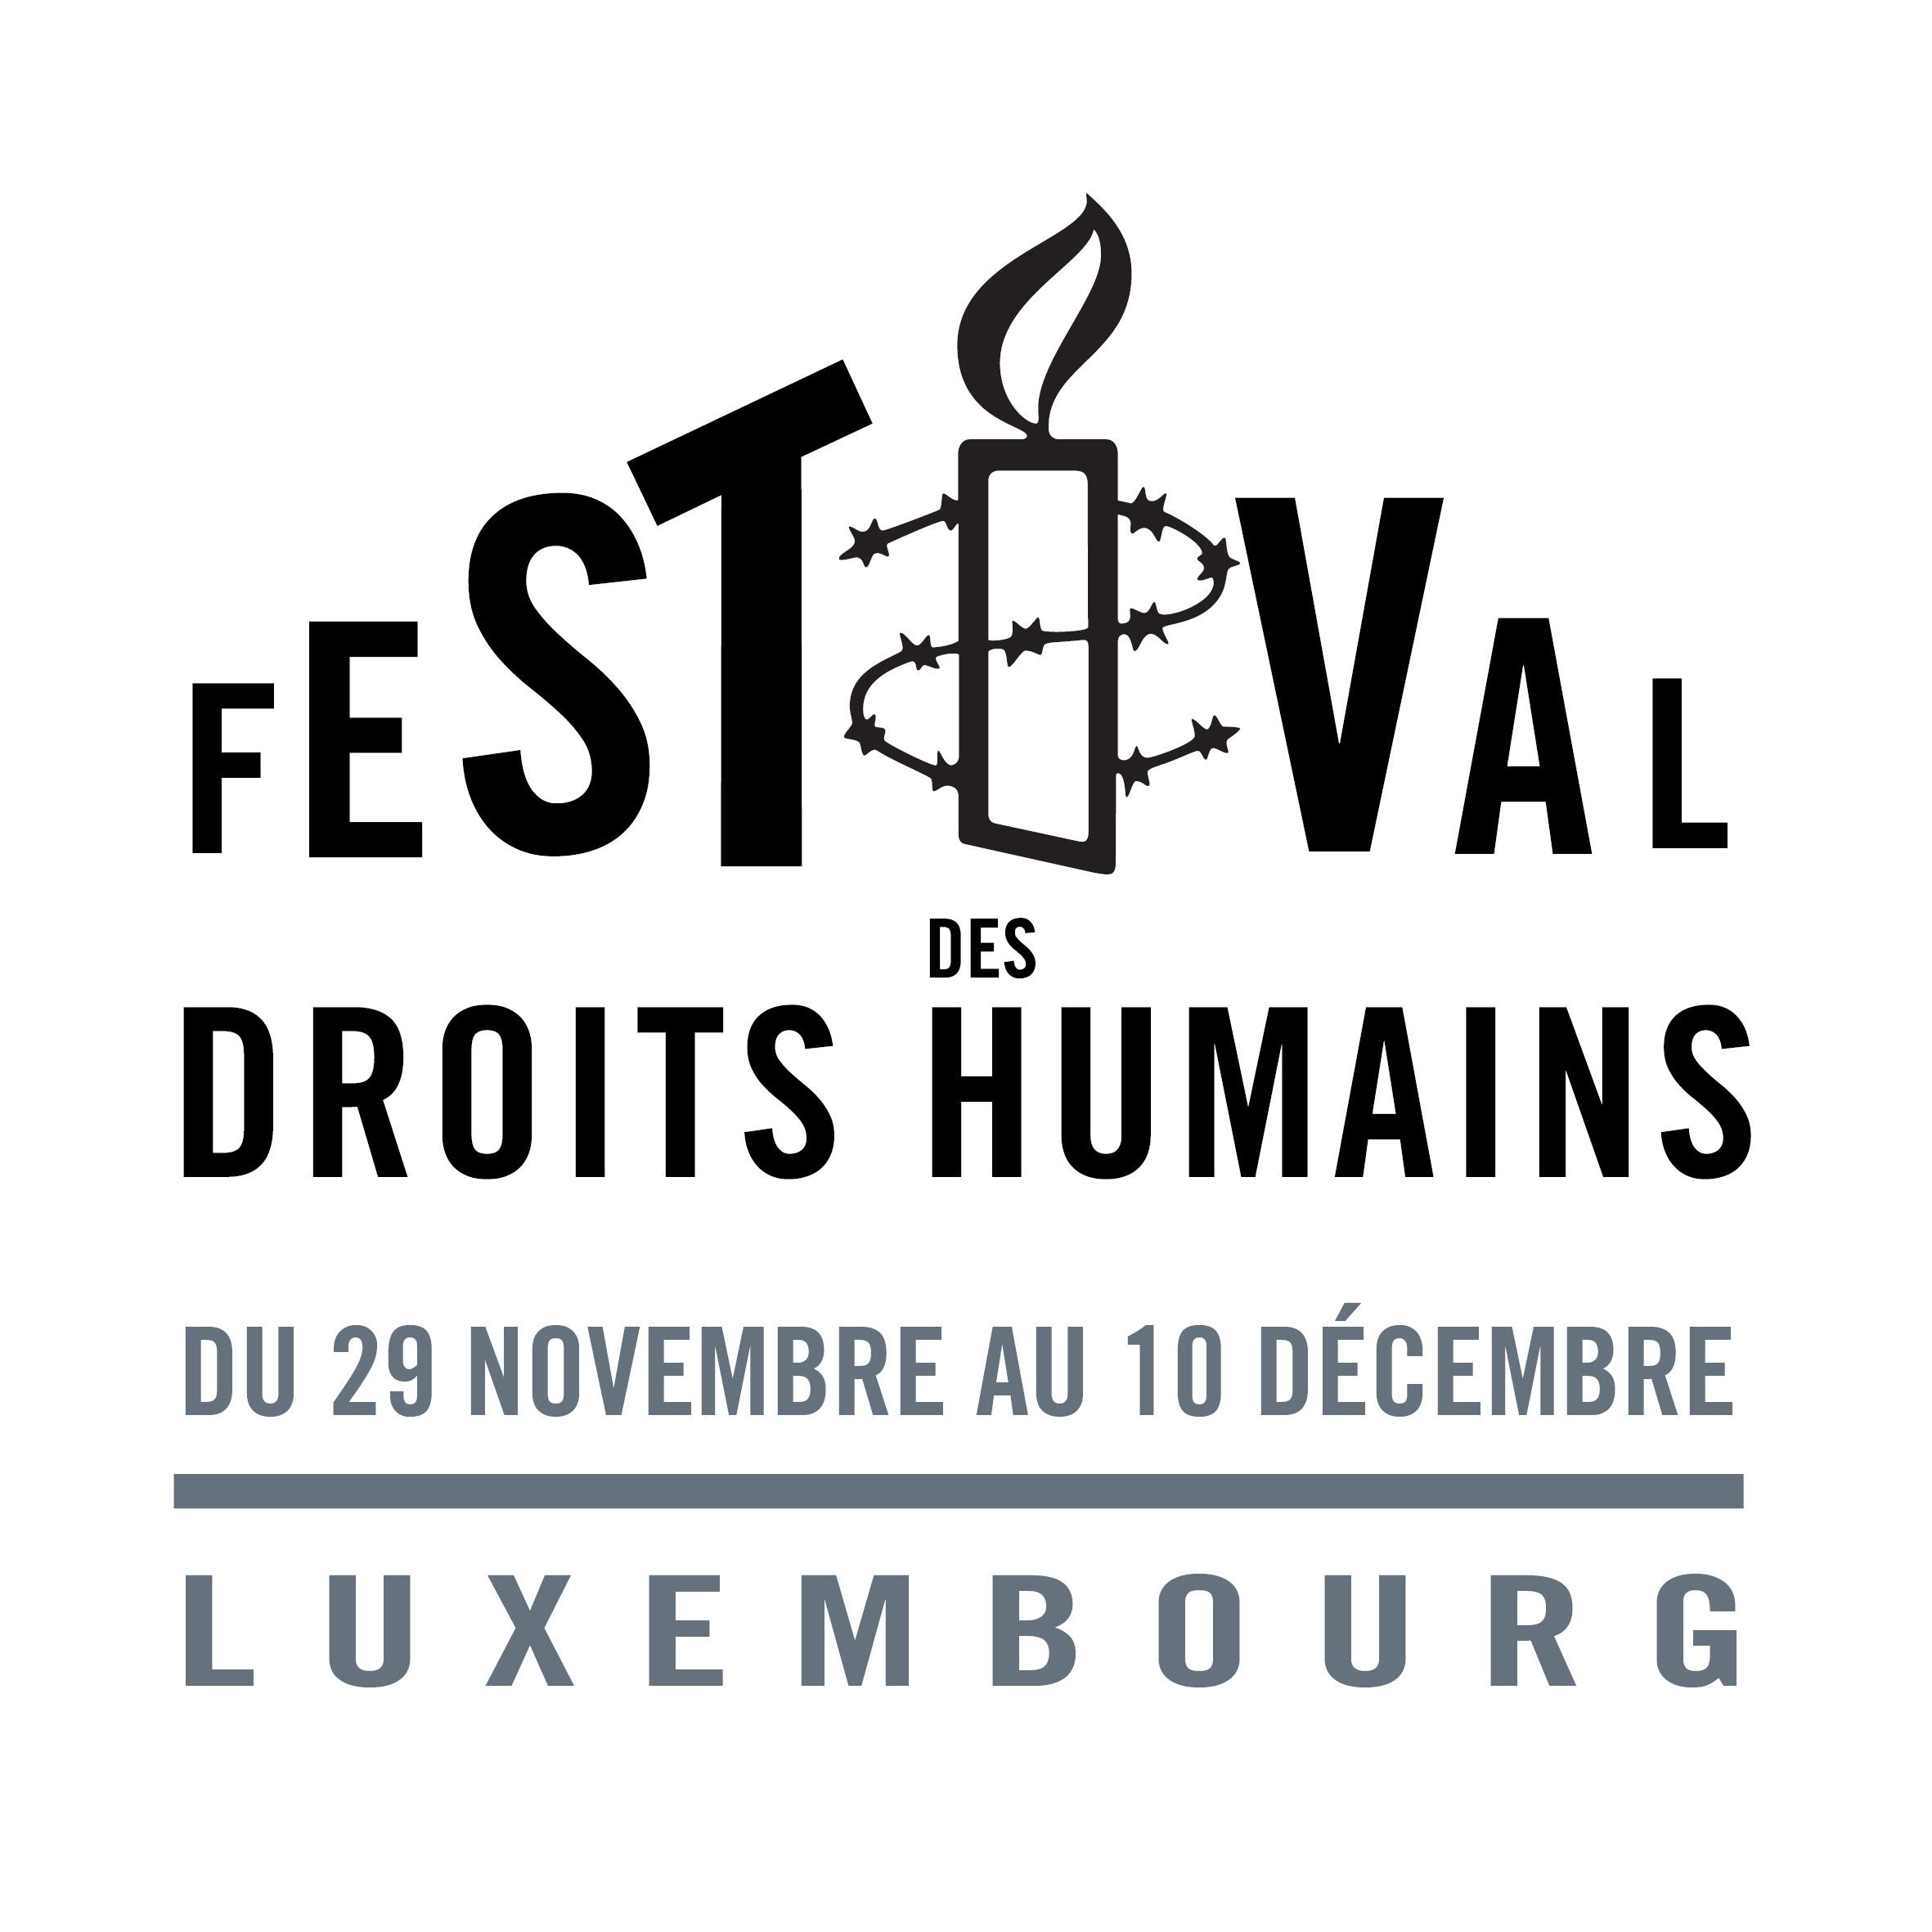 Festival des droits humains : Des actions qui aident vraiment